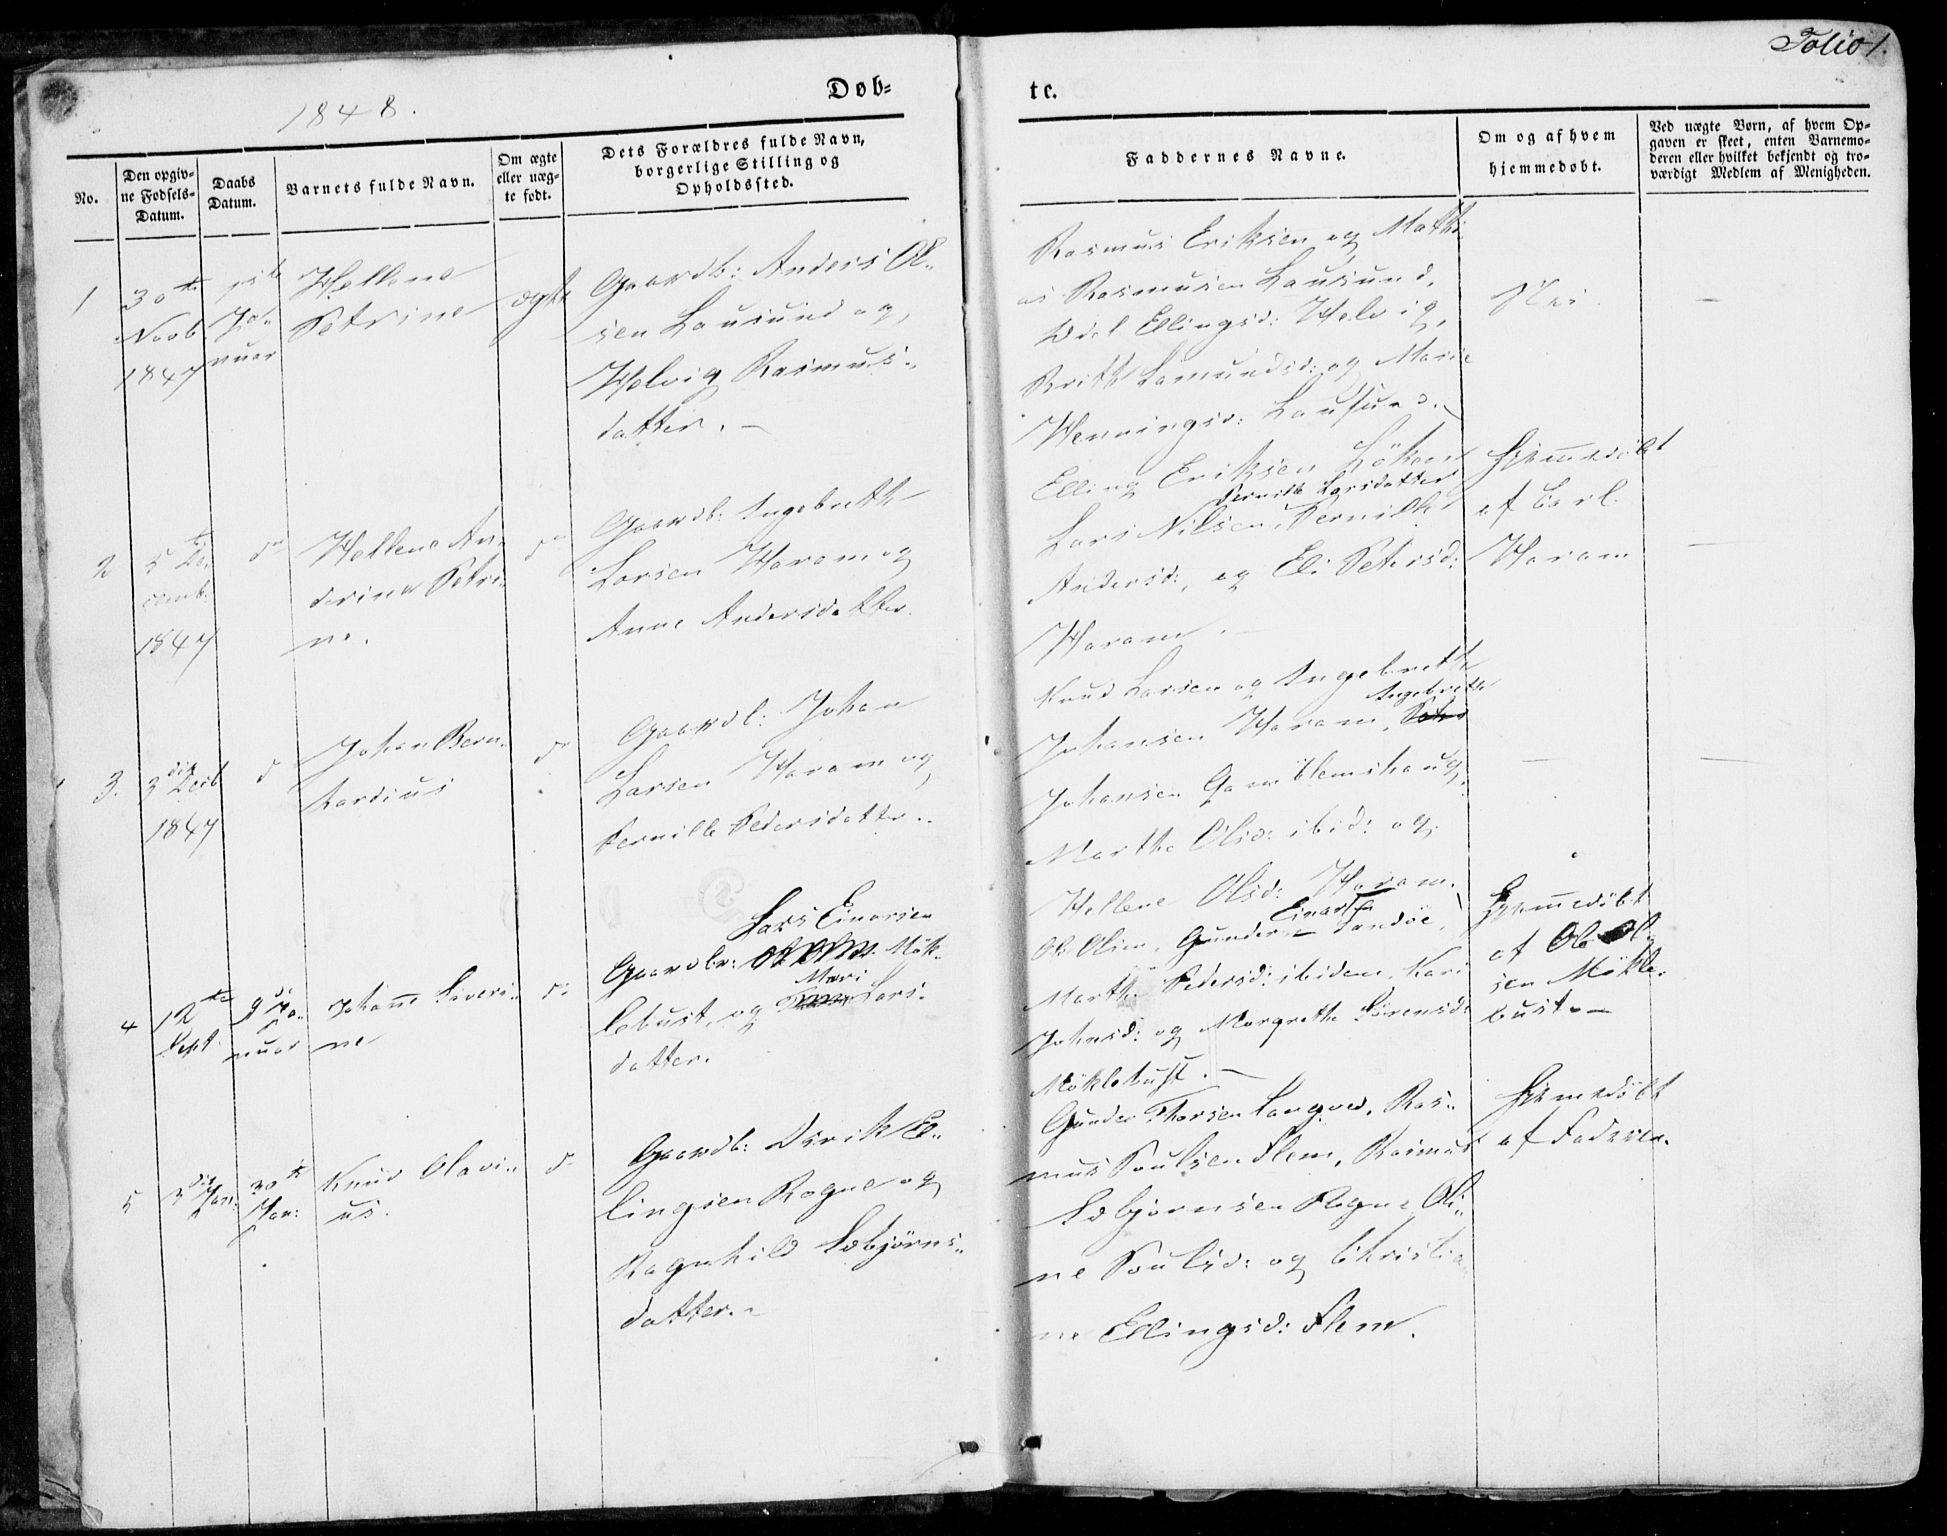 SAT, Ministerialprotokoller, klokkerbøker og fødselsregistre - Møre og Romsdal, 536/L0497: Ministerialbok nr. 536A06, 1845-1865, s. 1